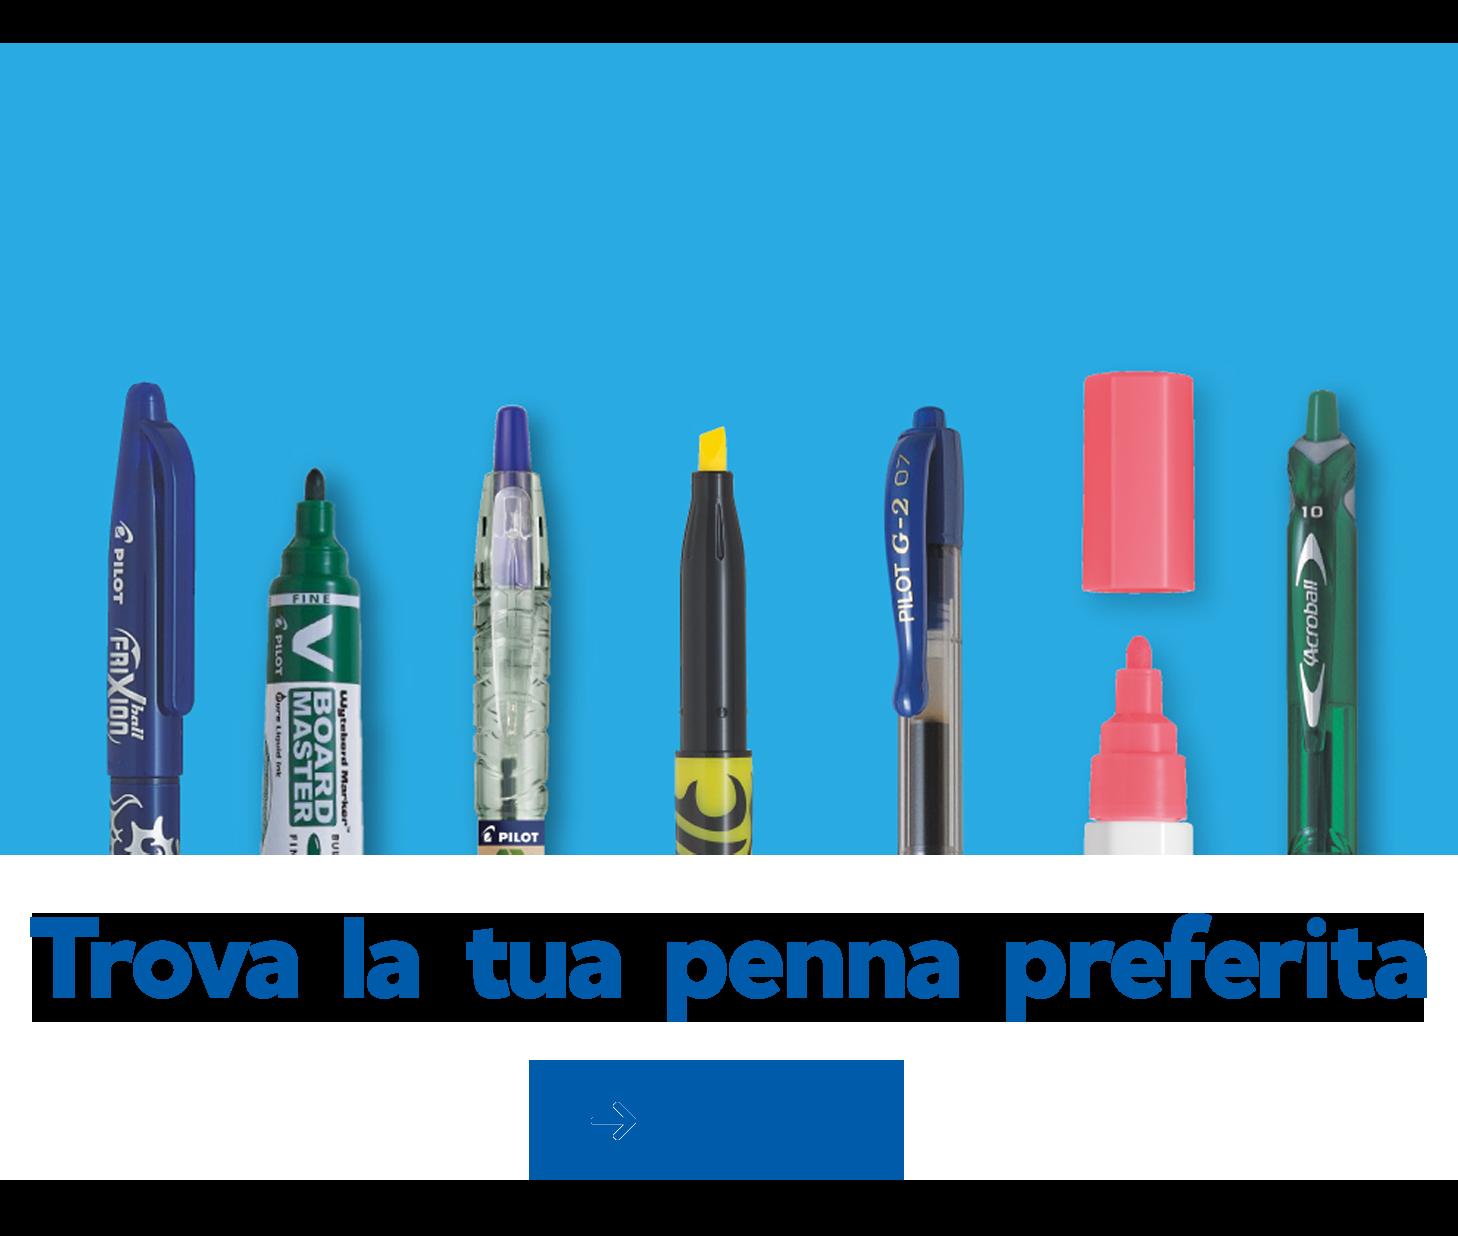 Trova la tua penna preferita